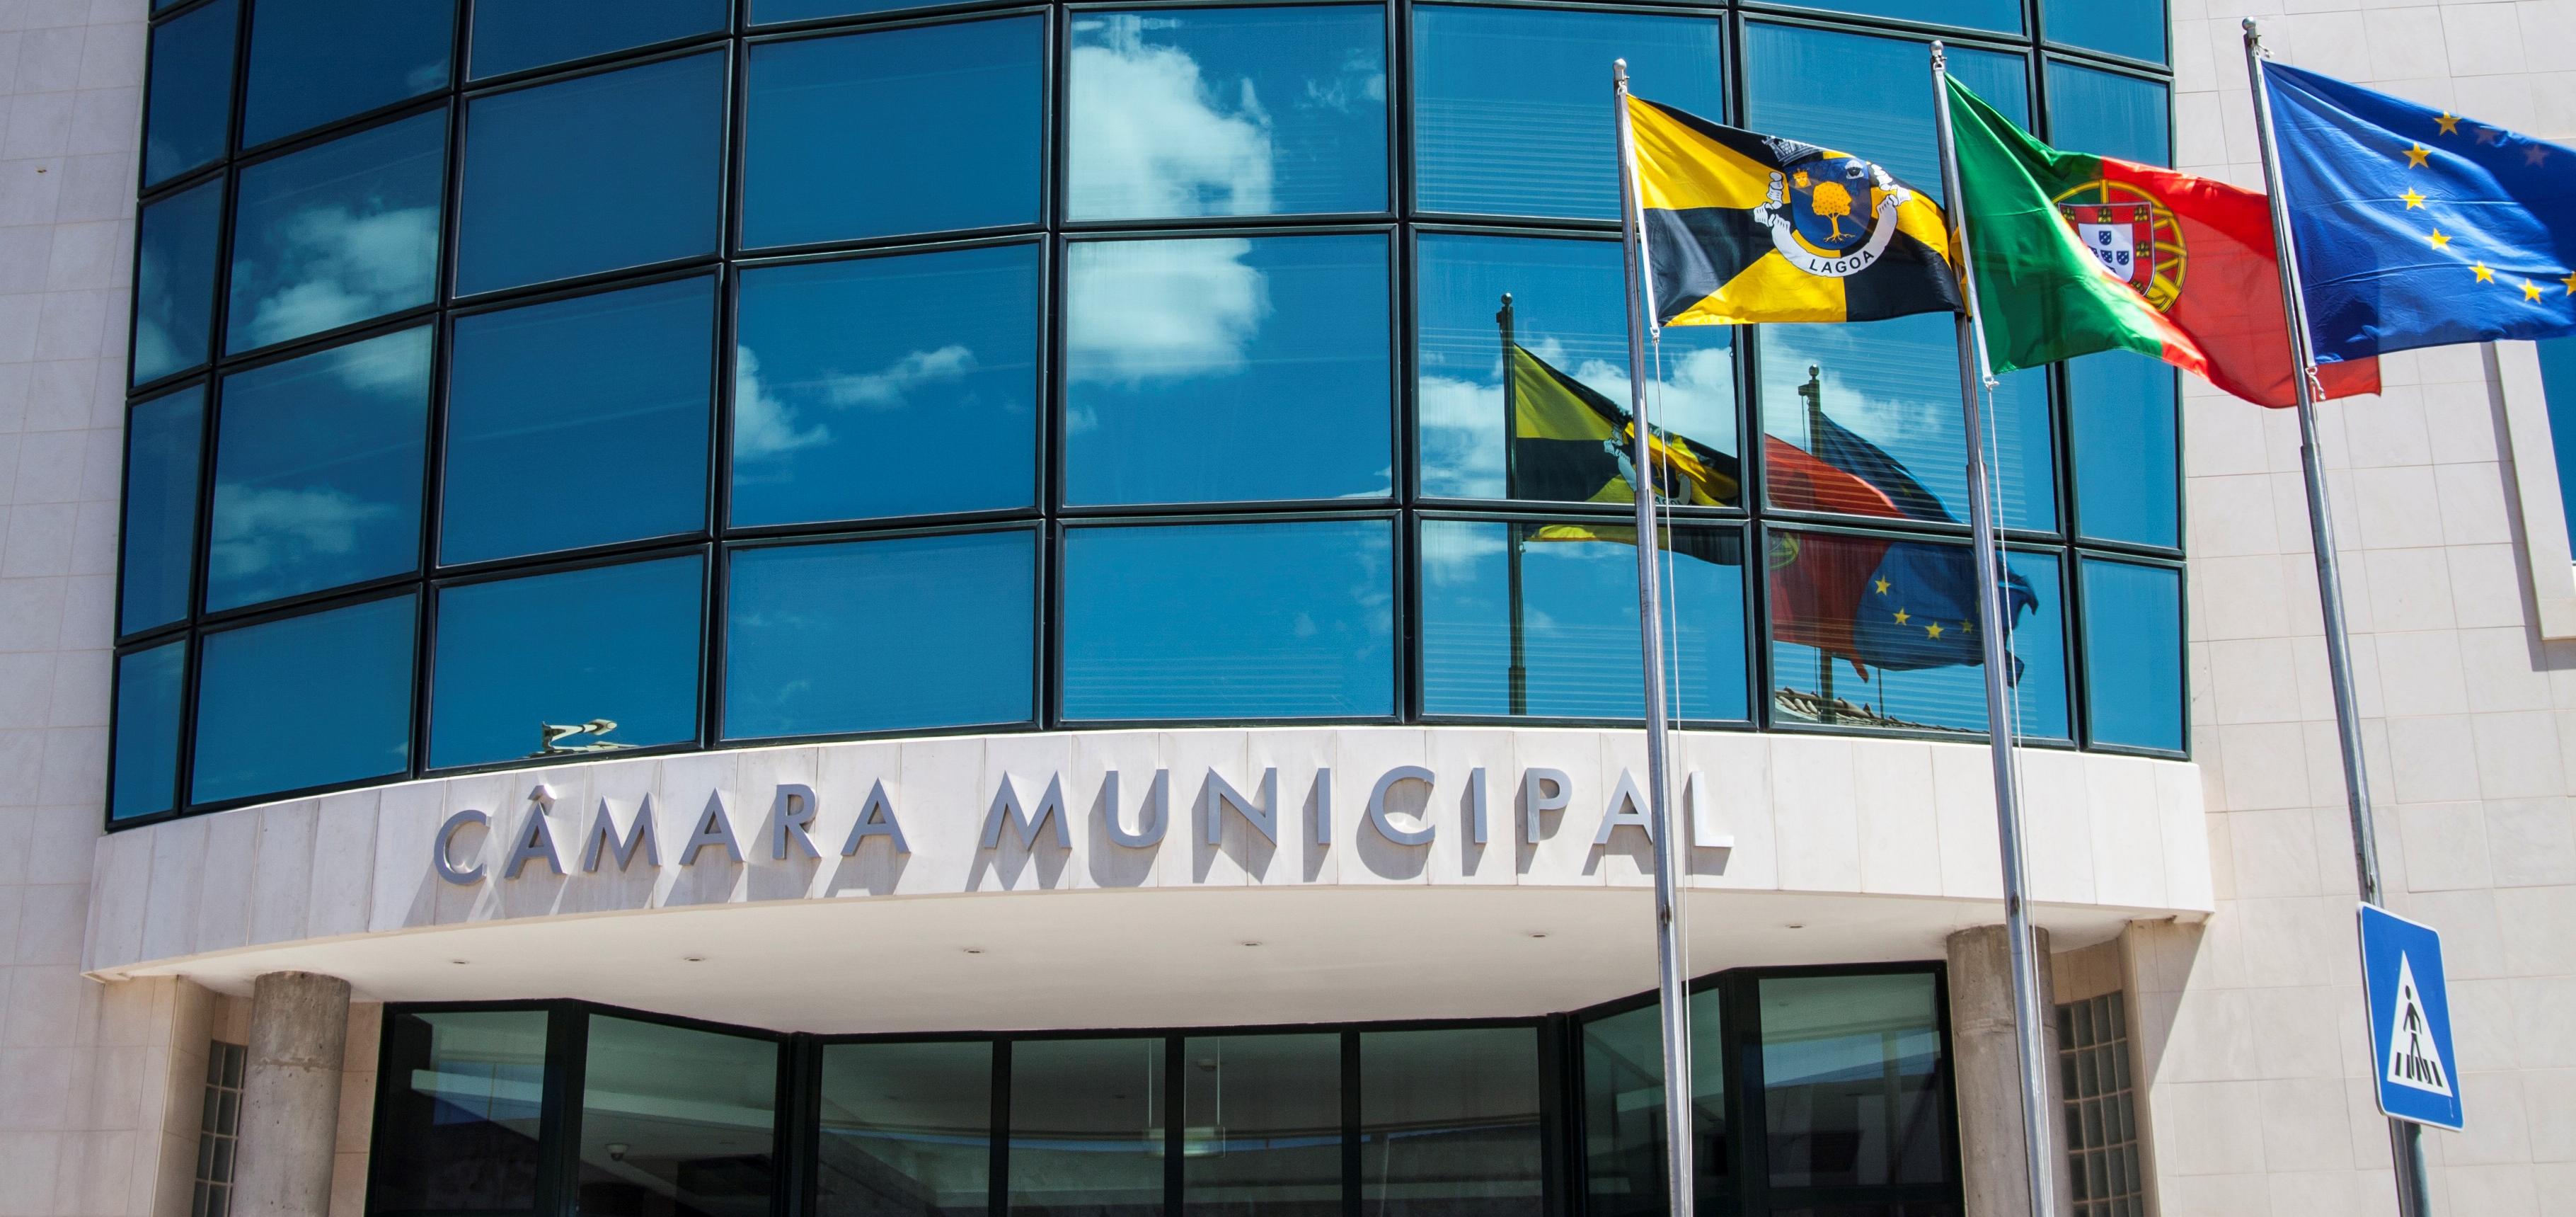 Lagoa aprova contas de 2019 e revisão orçamental de 2020 – Algarve ...